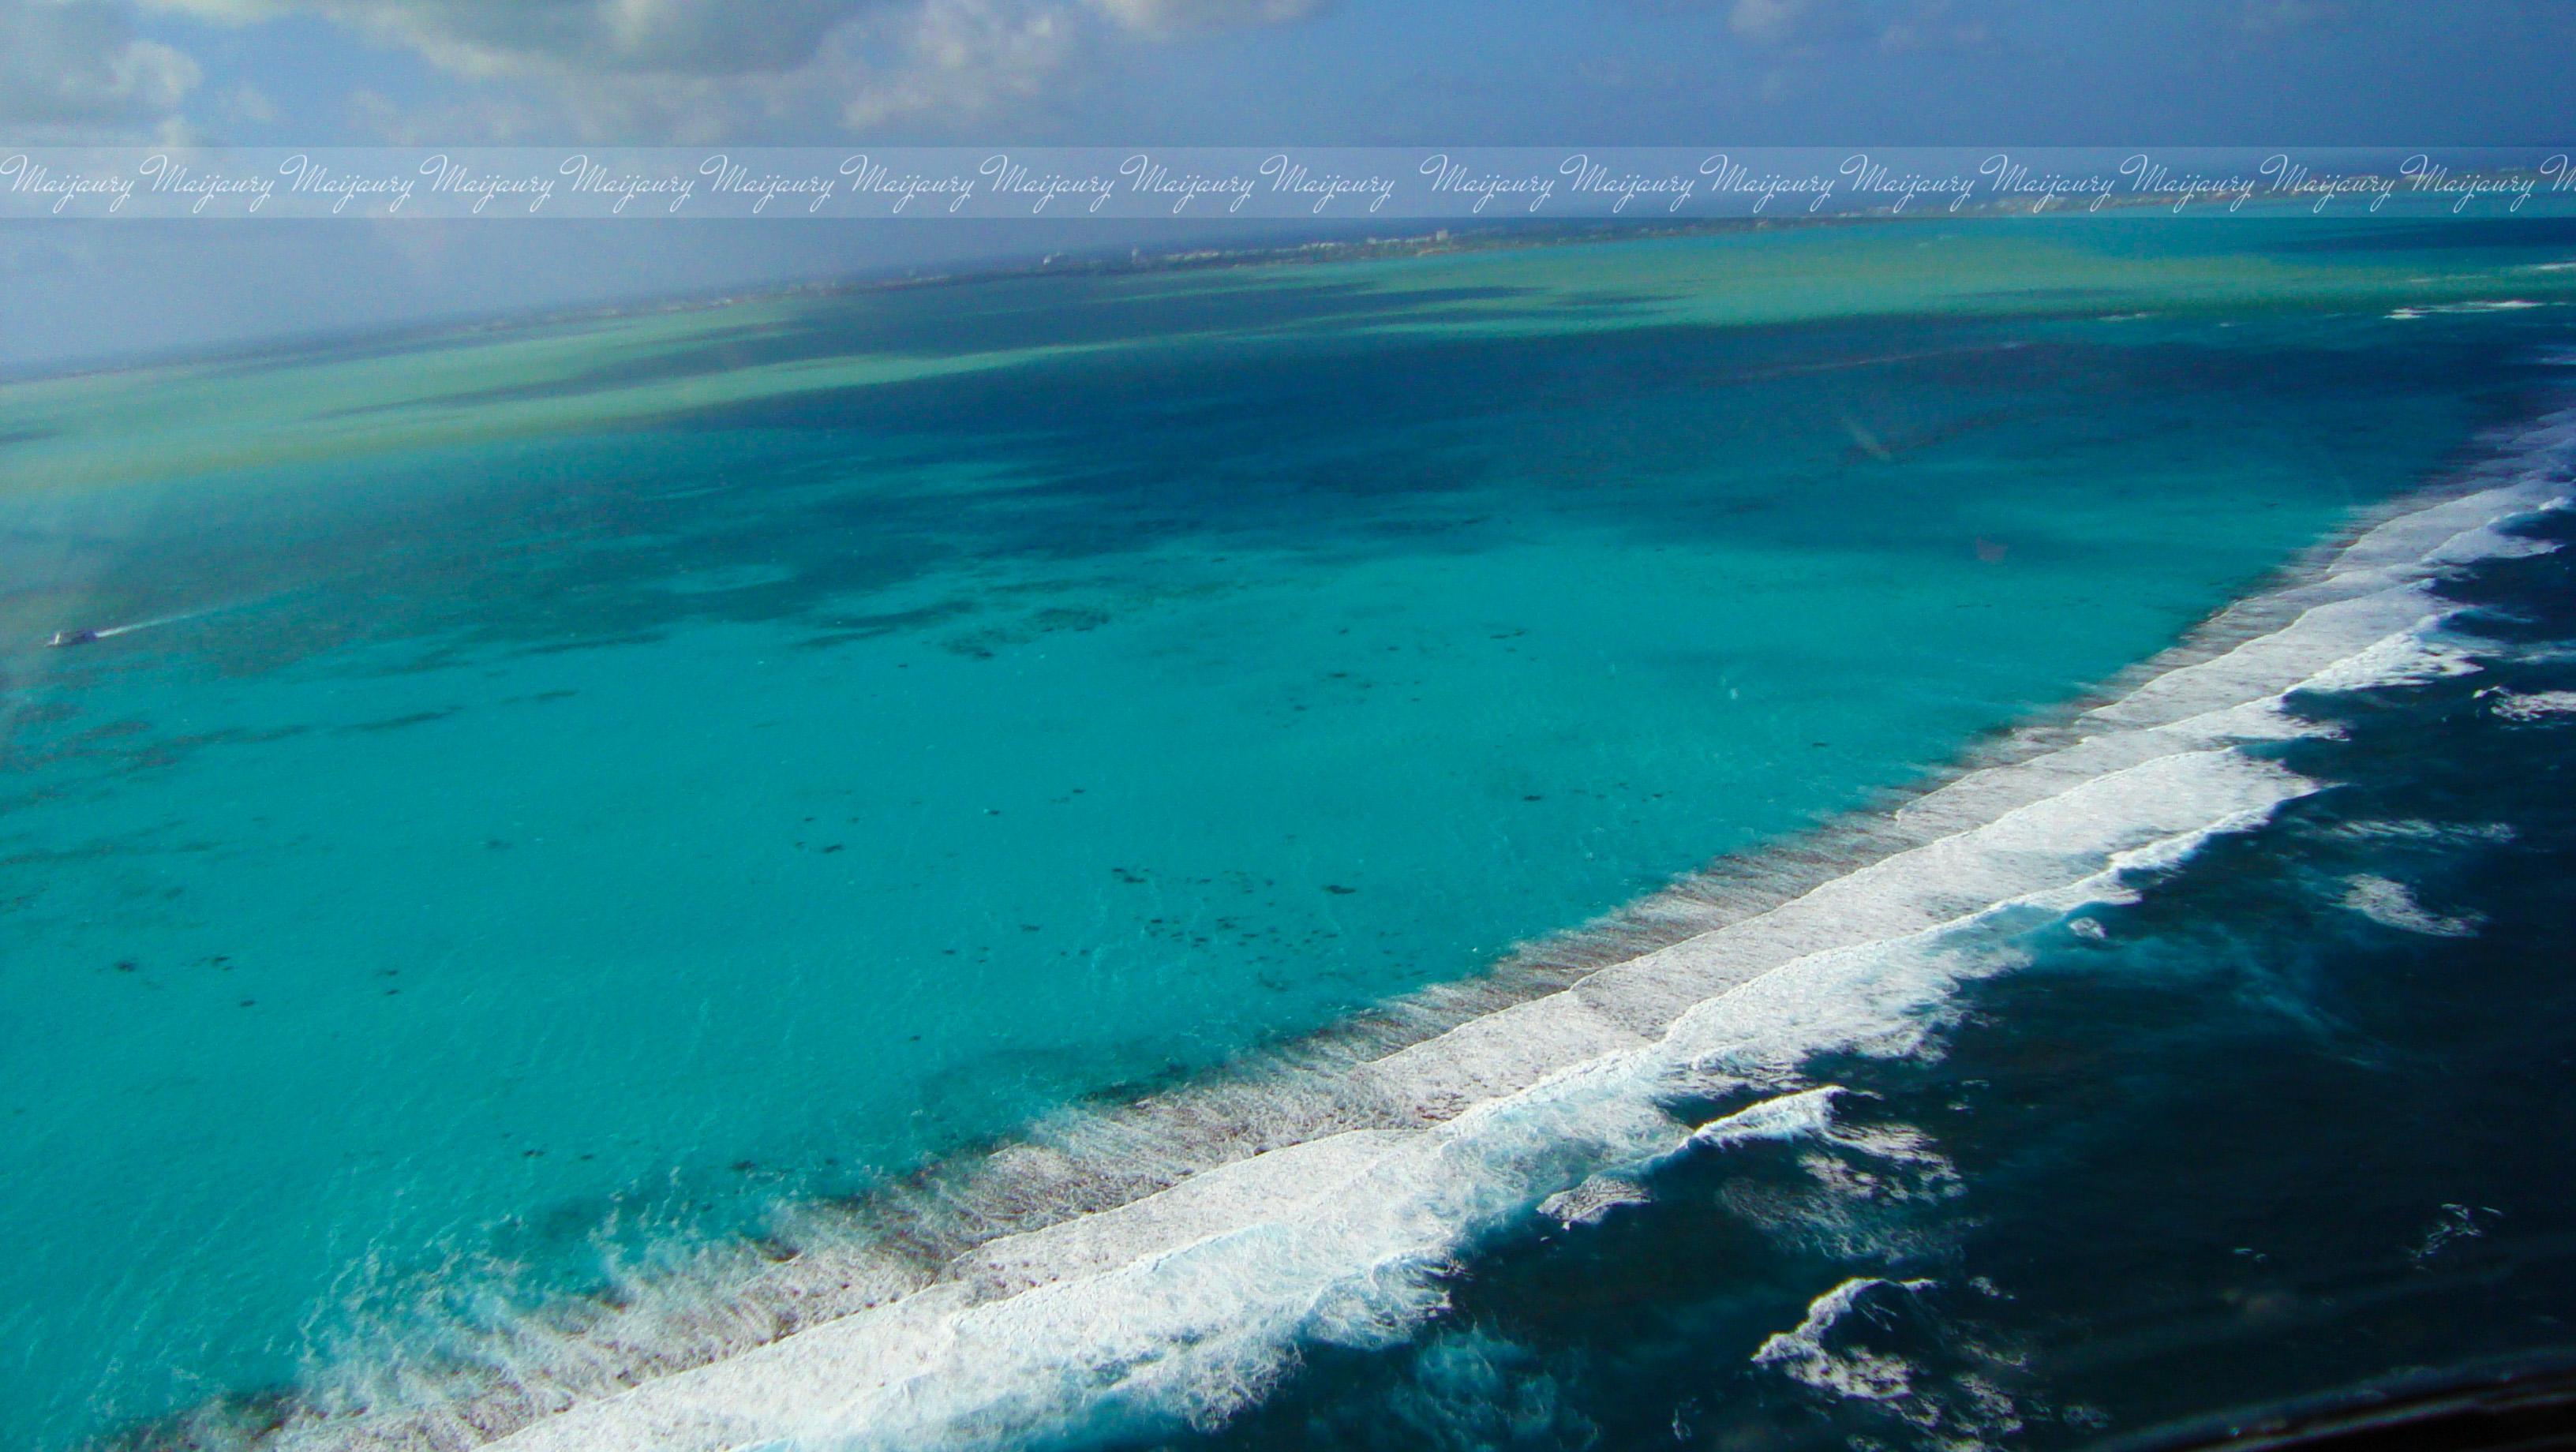 Water meets ocean photo